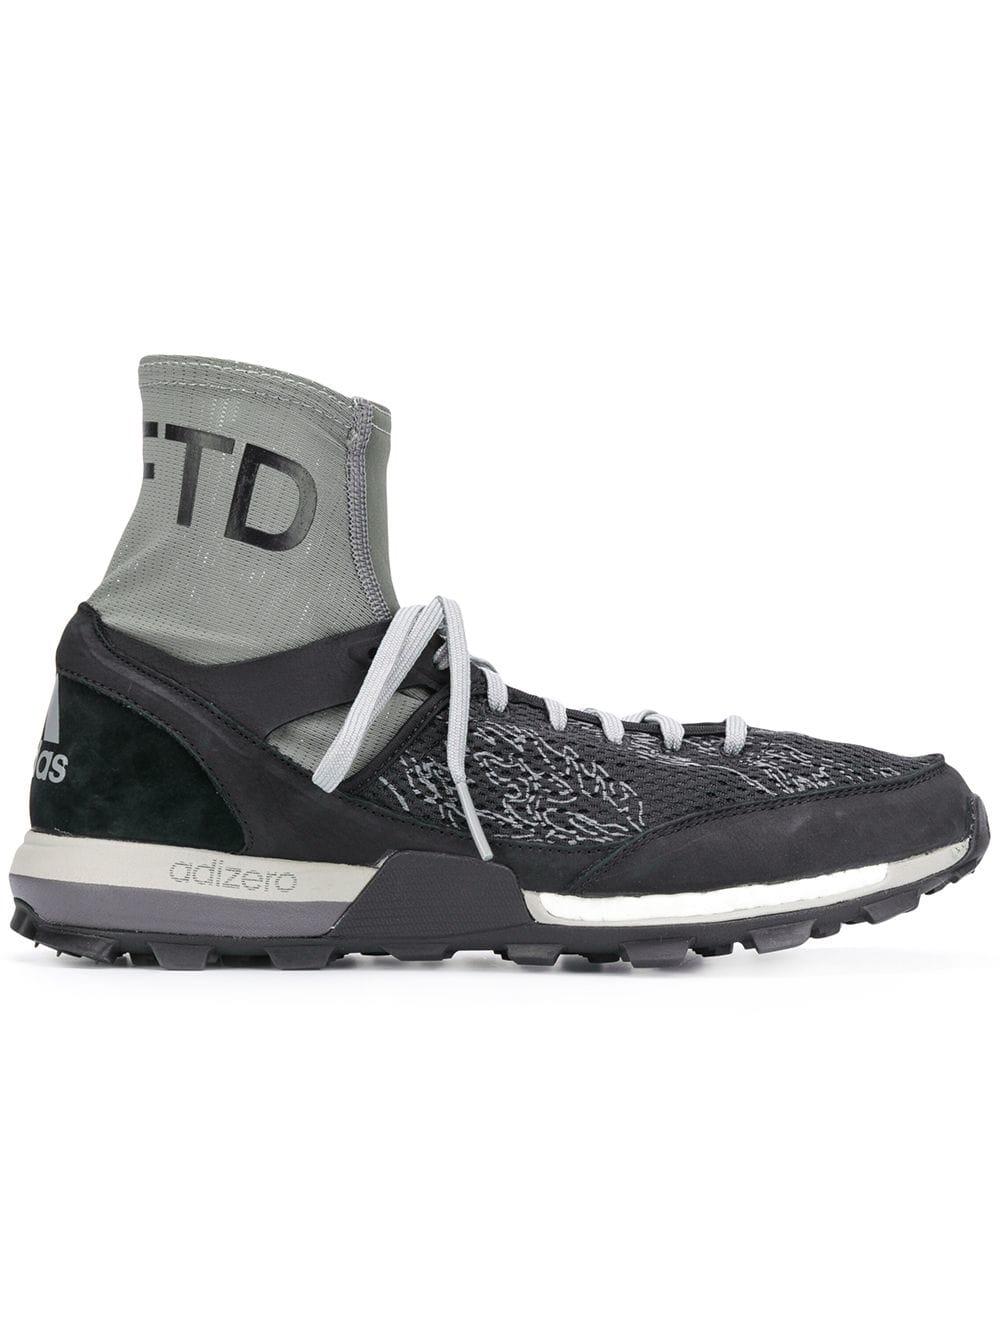 8dfa684ac0330 Adidas Adidas x UNDEFEATED Adizero XT Boost sneakers - Grey - Glami.gr